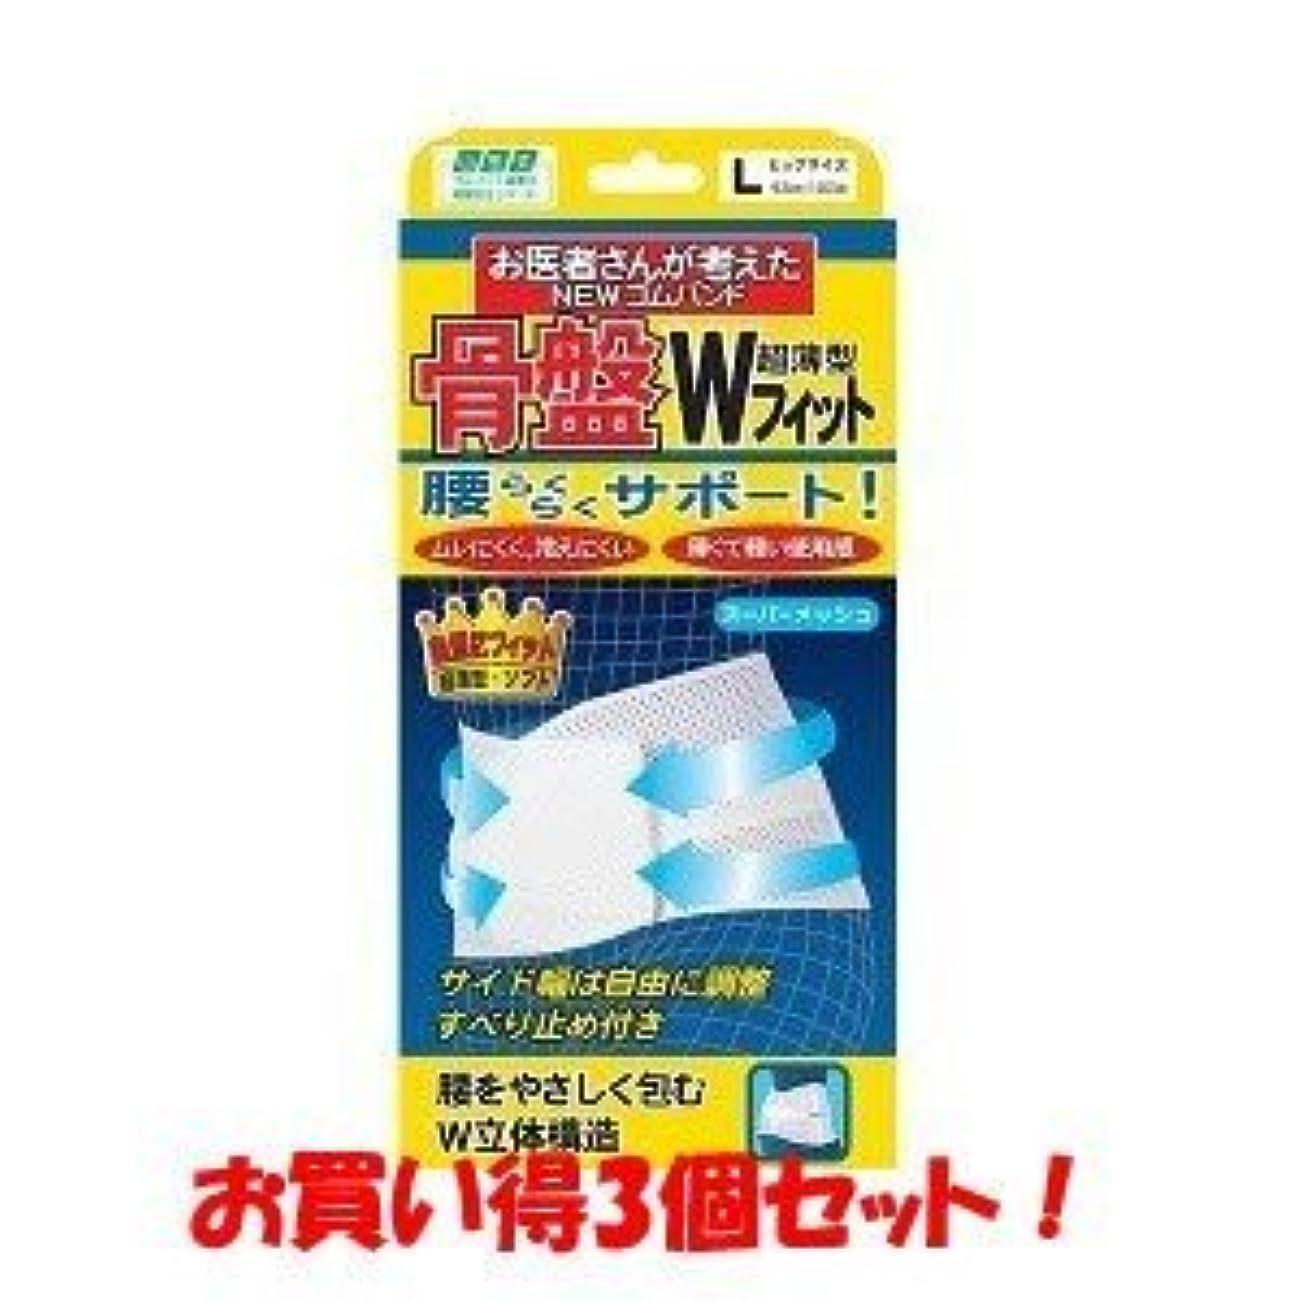 (ミノウラ)山田式 骨盤Wフィット L(お買い得3個セット)